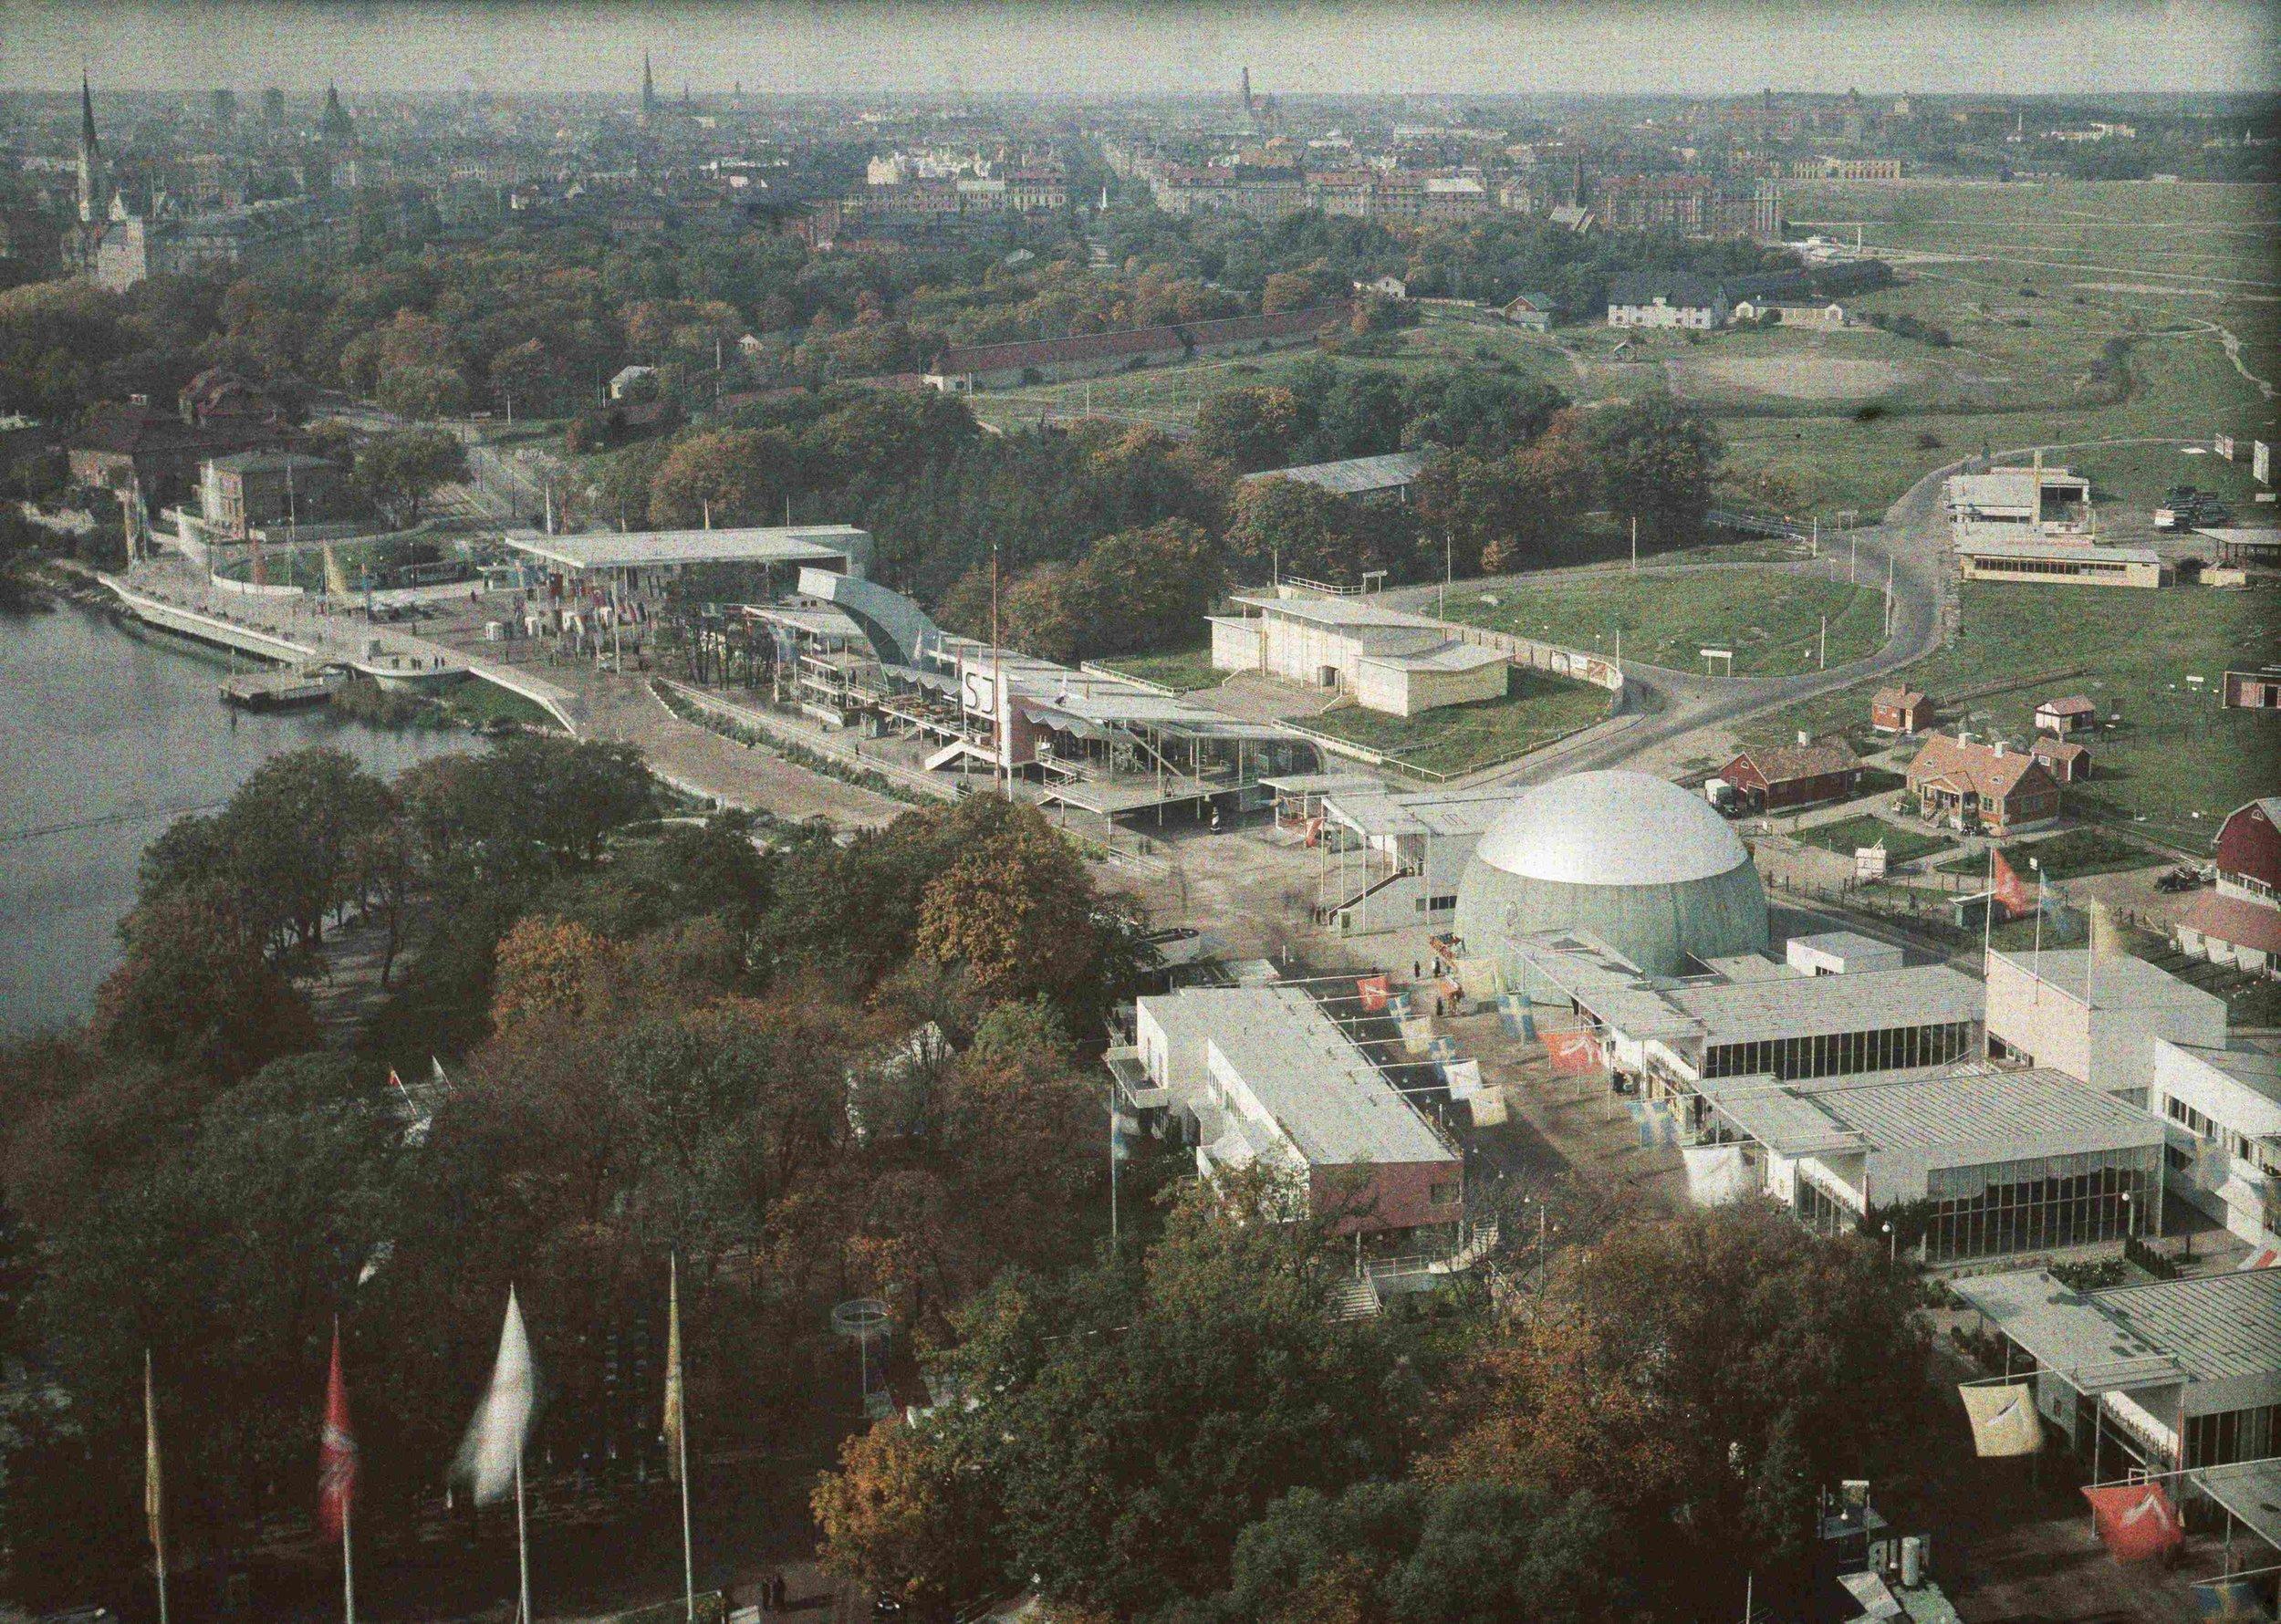 Flygbild över utställningsområdet. Stockholmsutställningen 1930, Arkitektur- och designcentrum